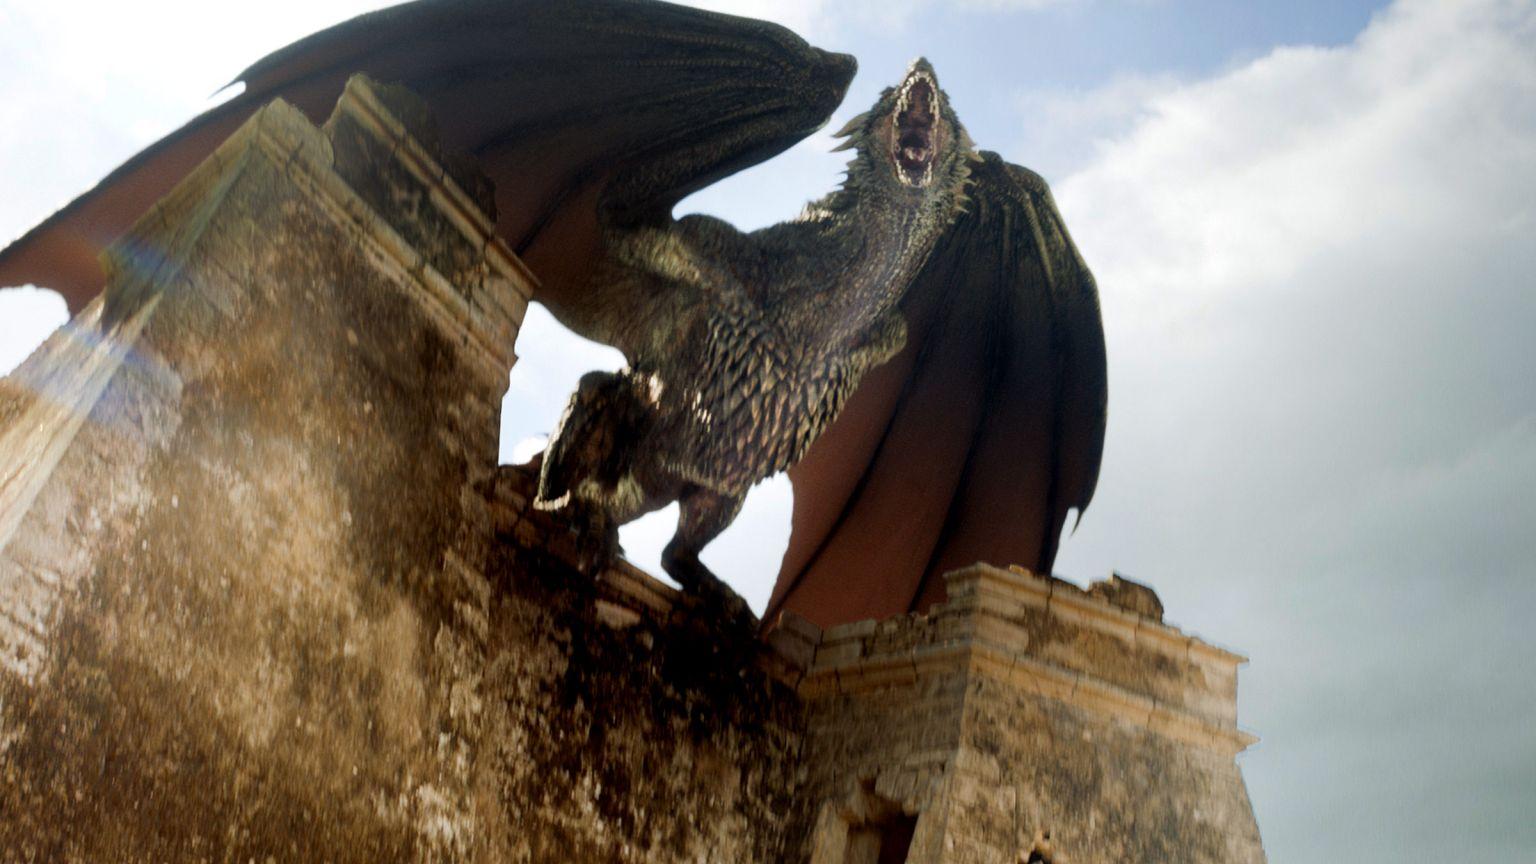 Drogon | HBO